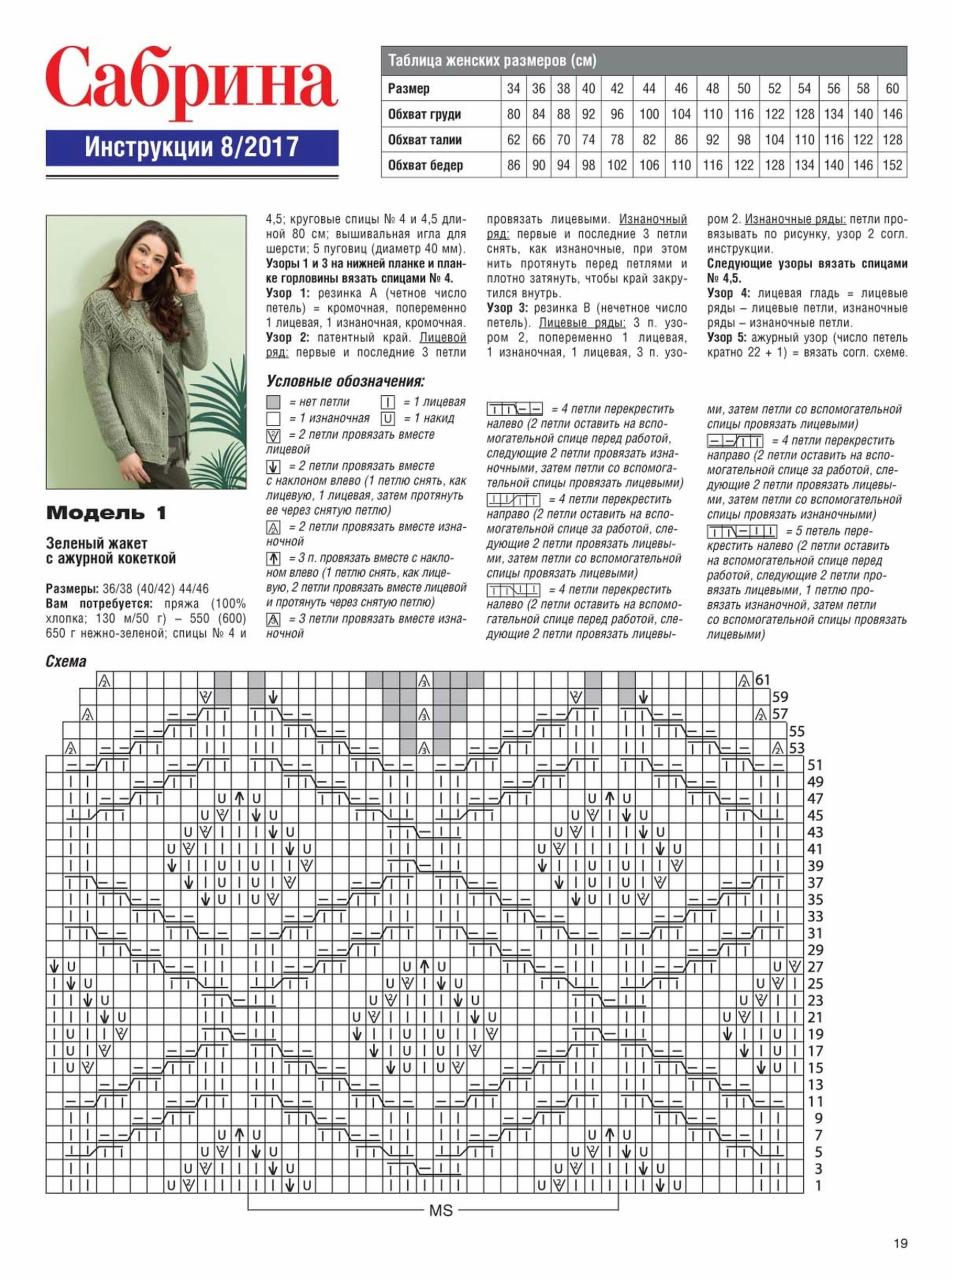 Журнал сабрина вязание спицами 2017 со схемами  лучшее